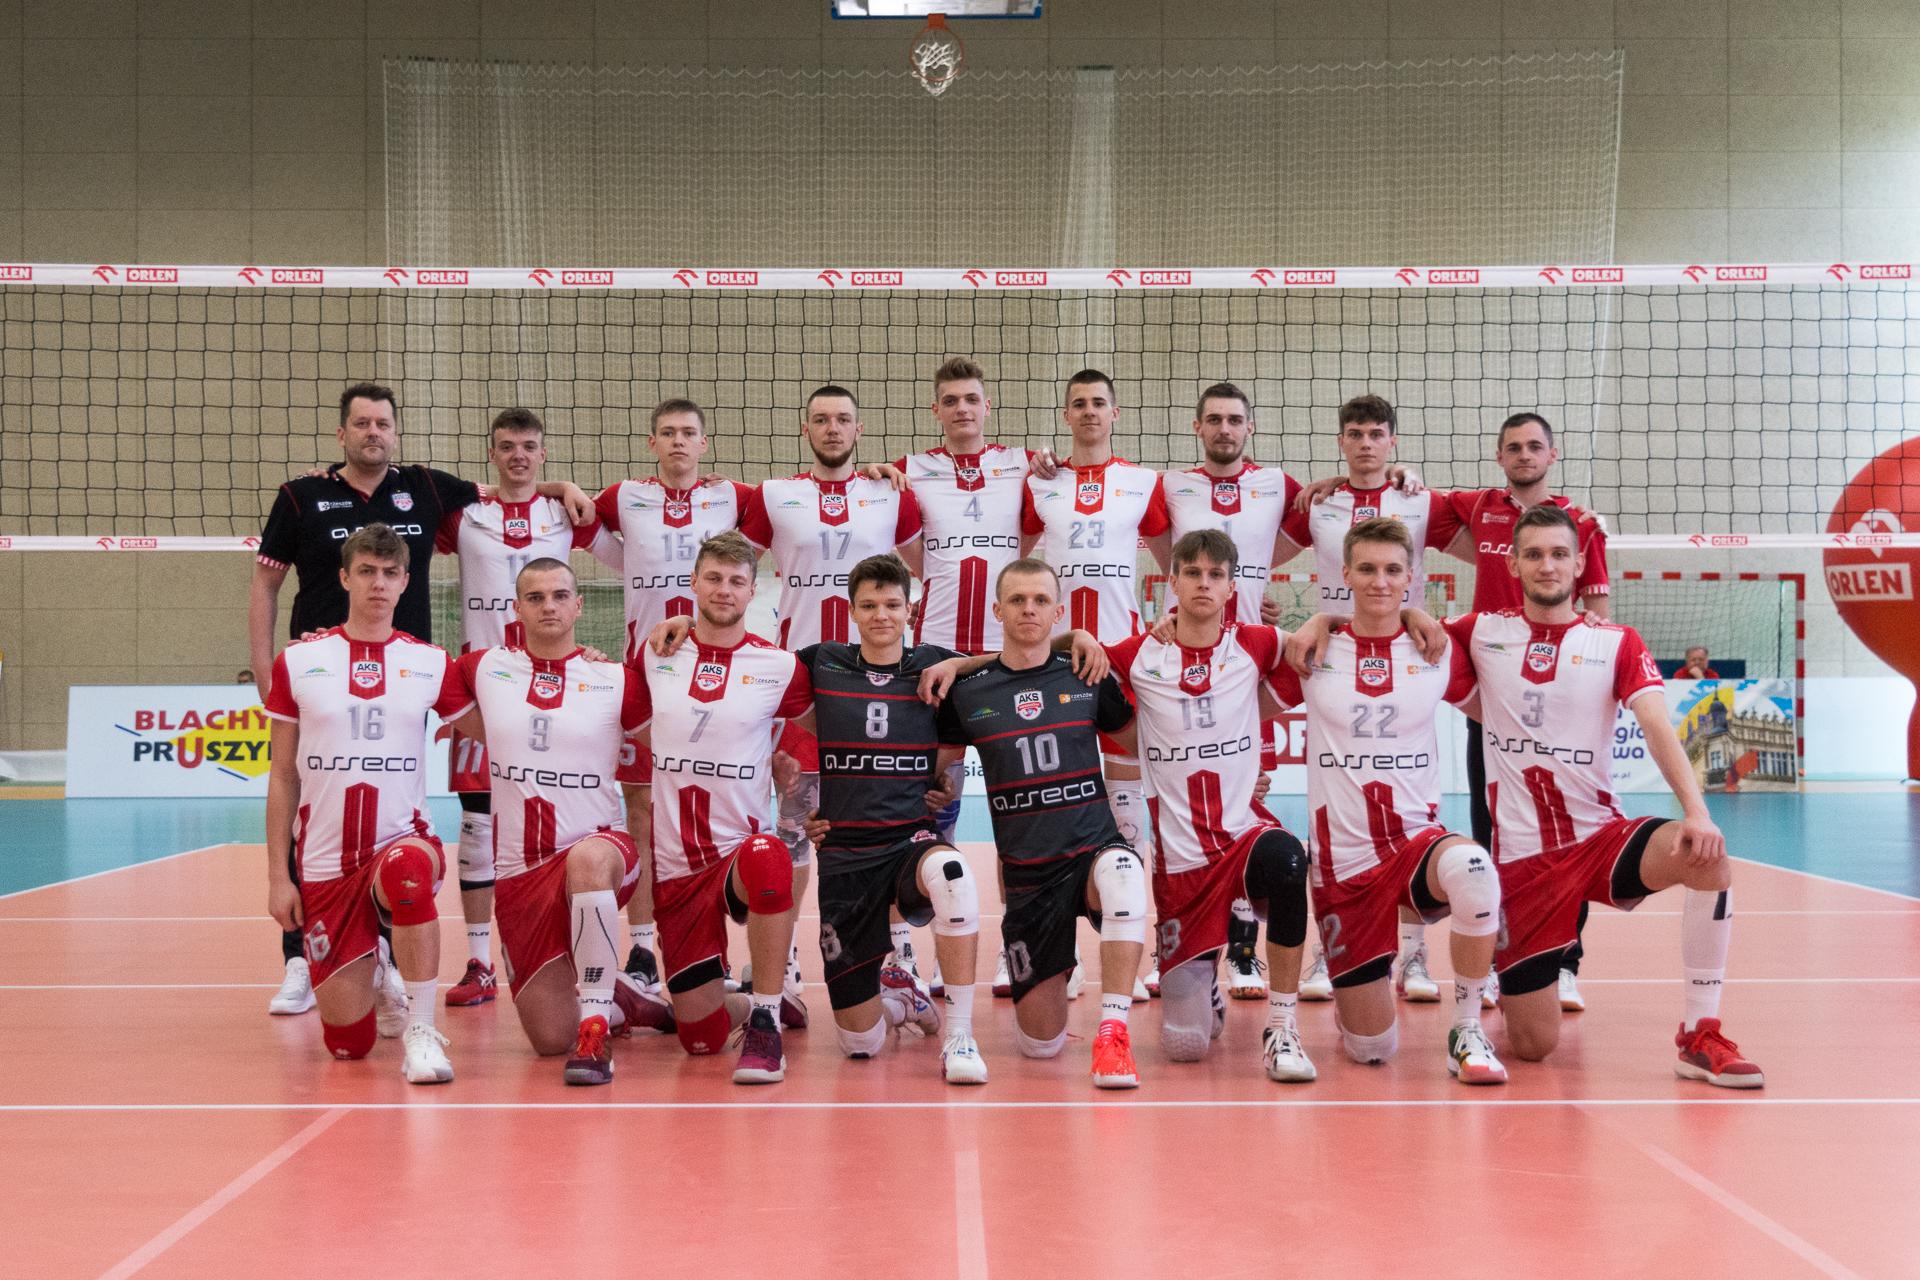 AKS V LO Rzeszów (MMP półfinał Juniorów Grupa 1 sezon 2020/2021)